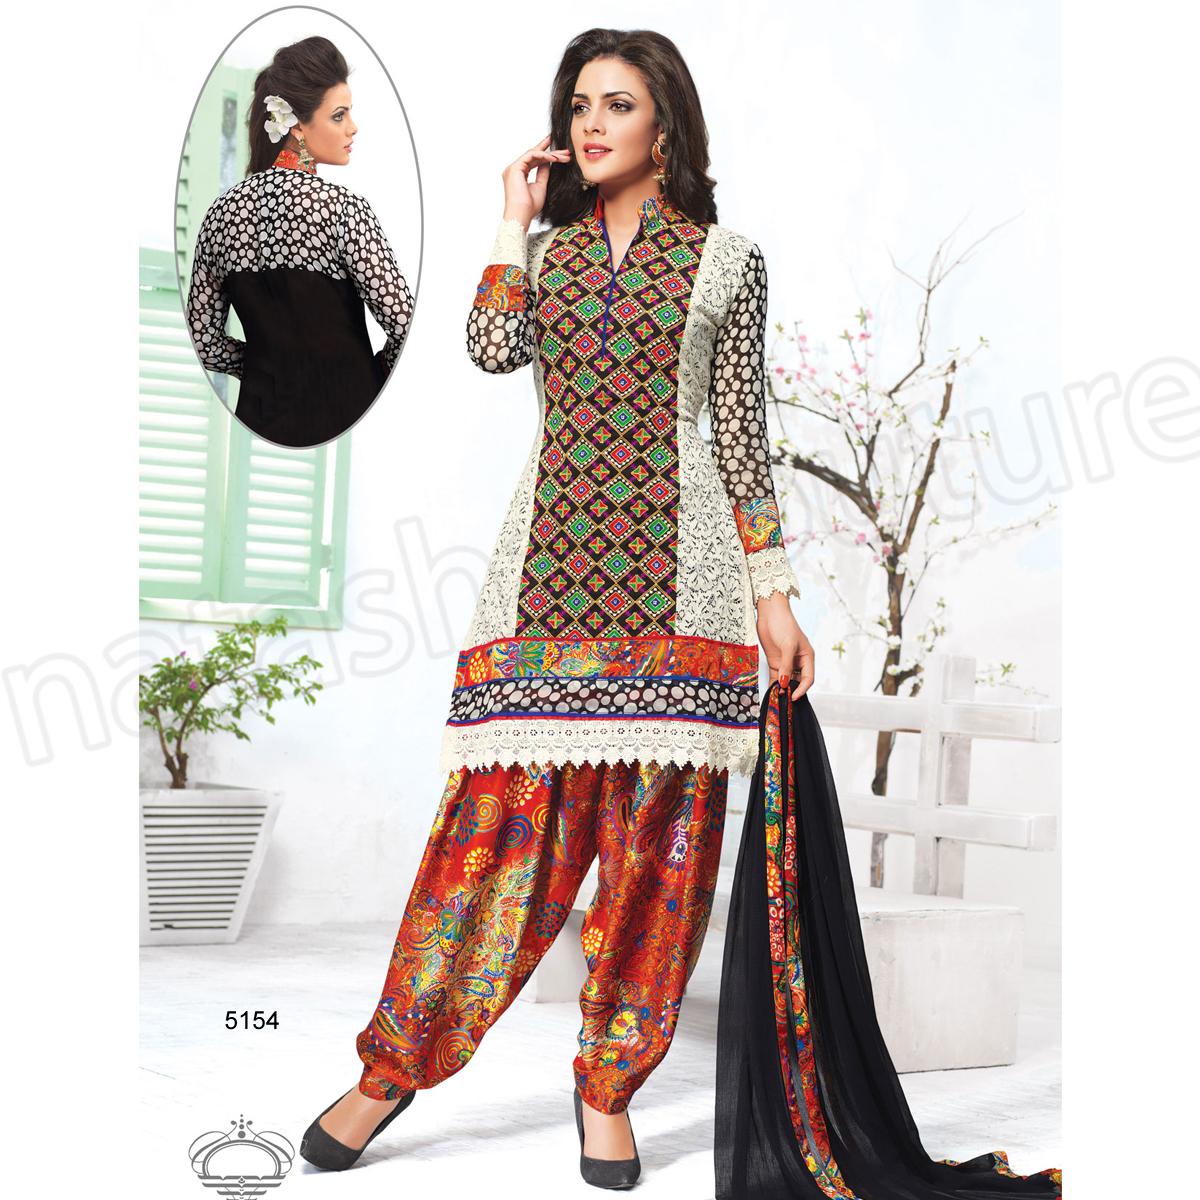 Punjabi Suits Latest Indian patiala Shalwar Kameez Collection 2015-2016 (15)